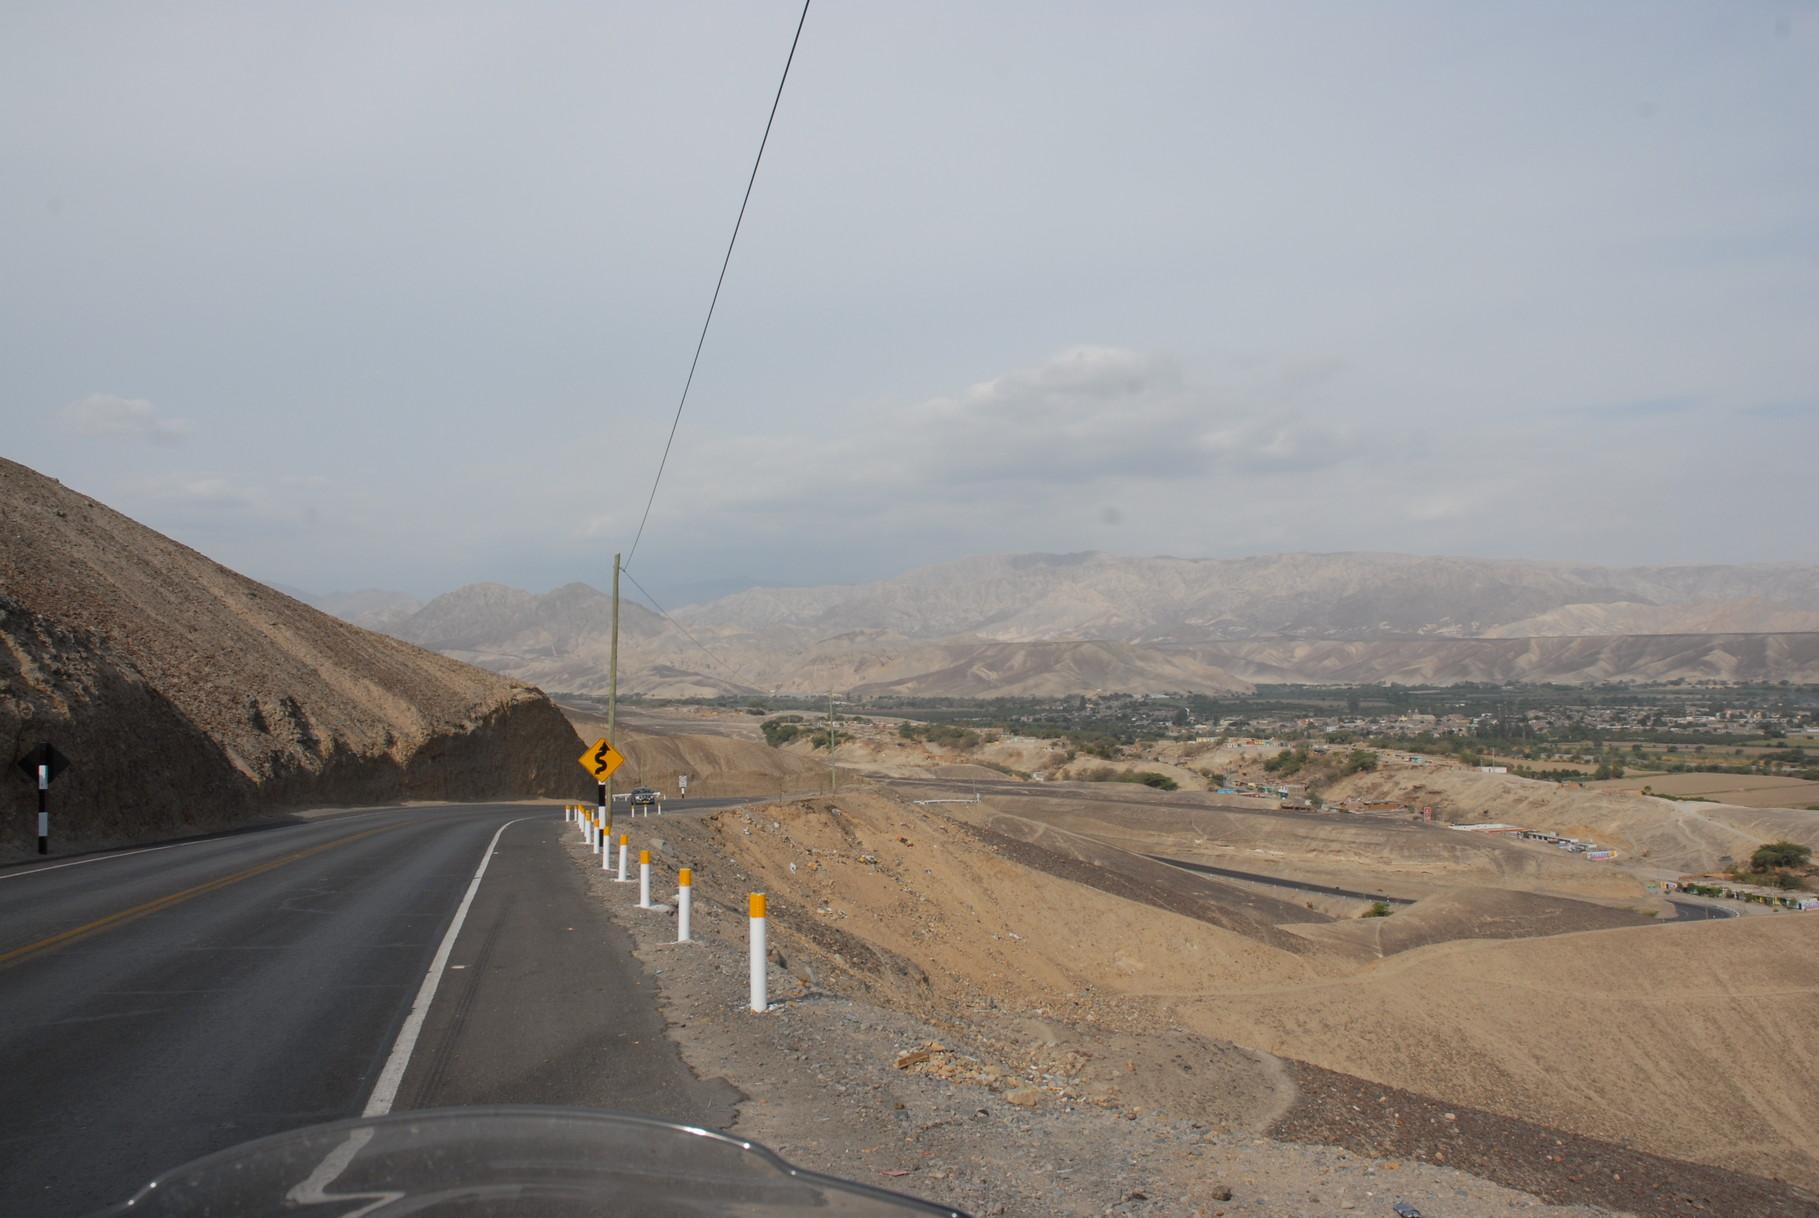 ... durch die Wüste